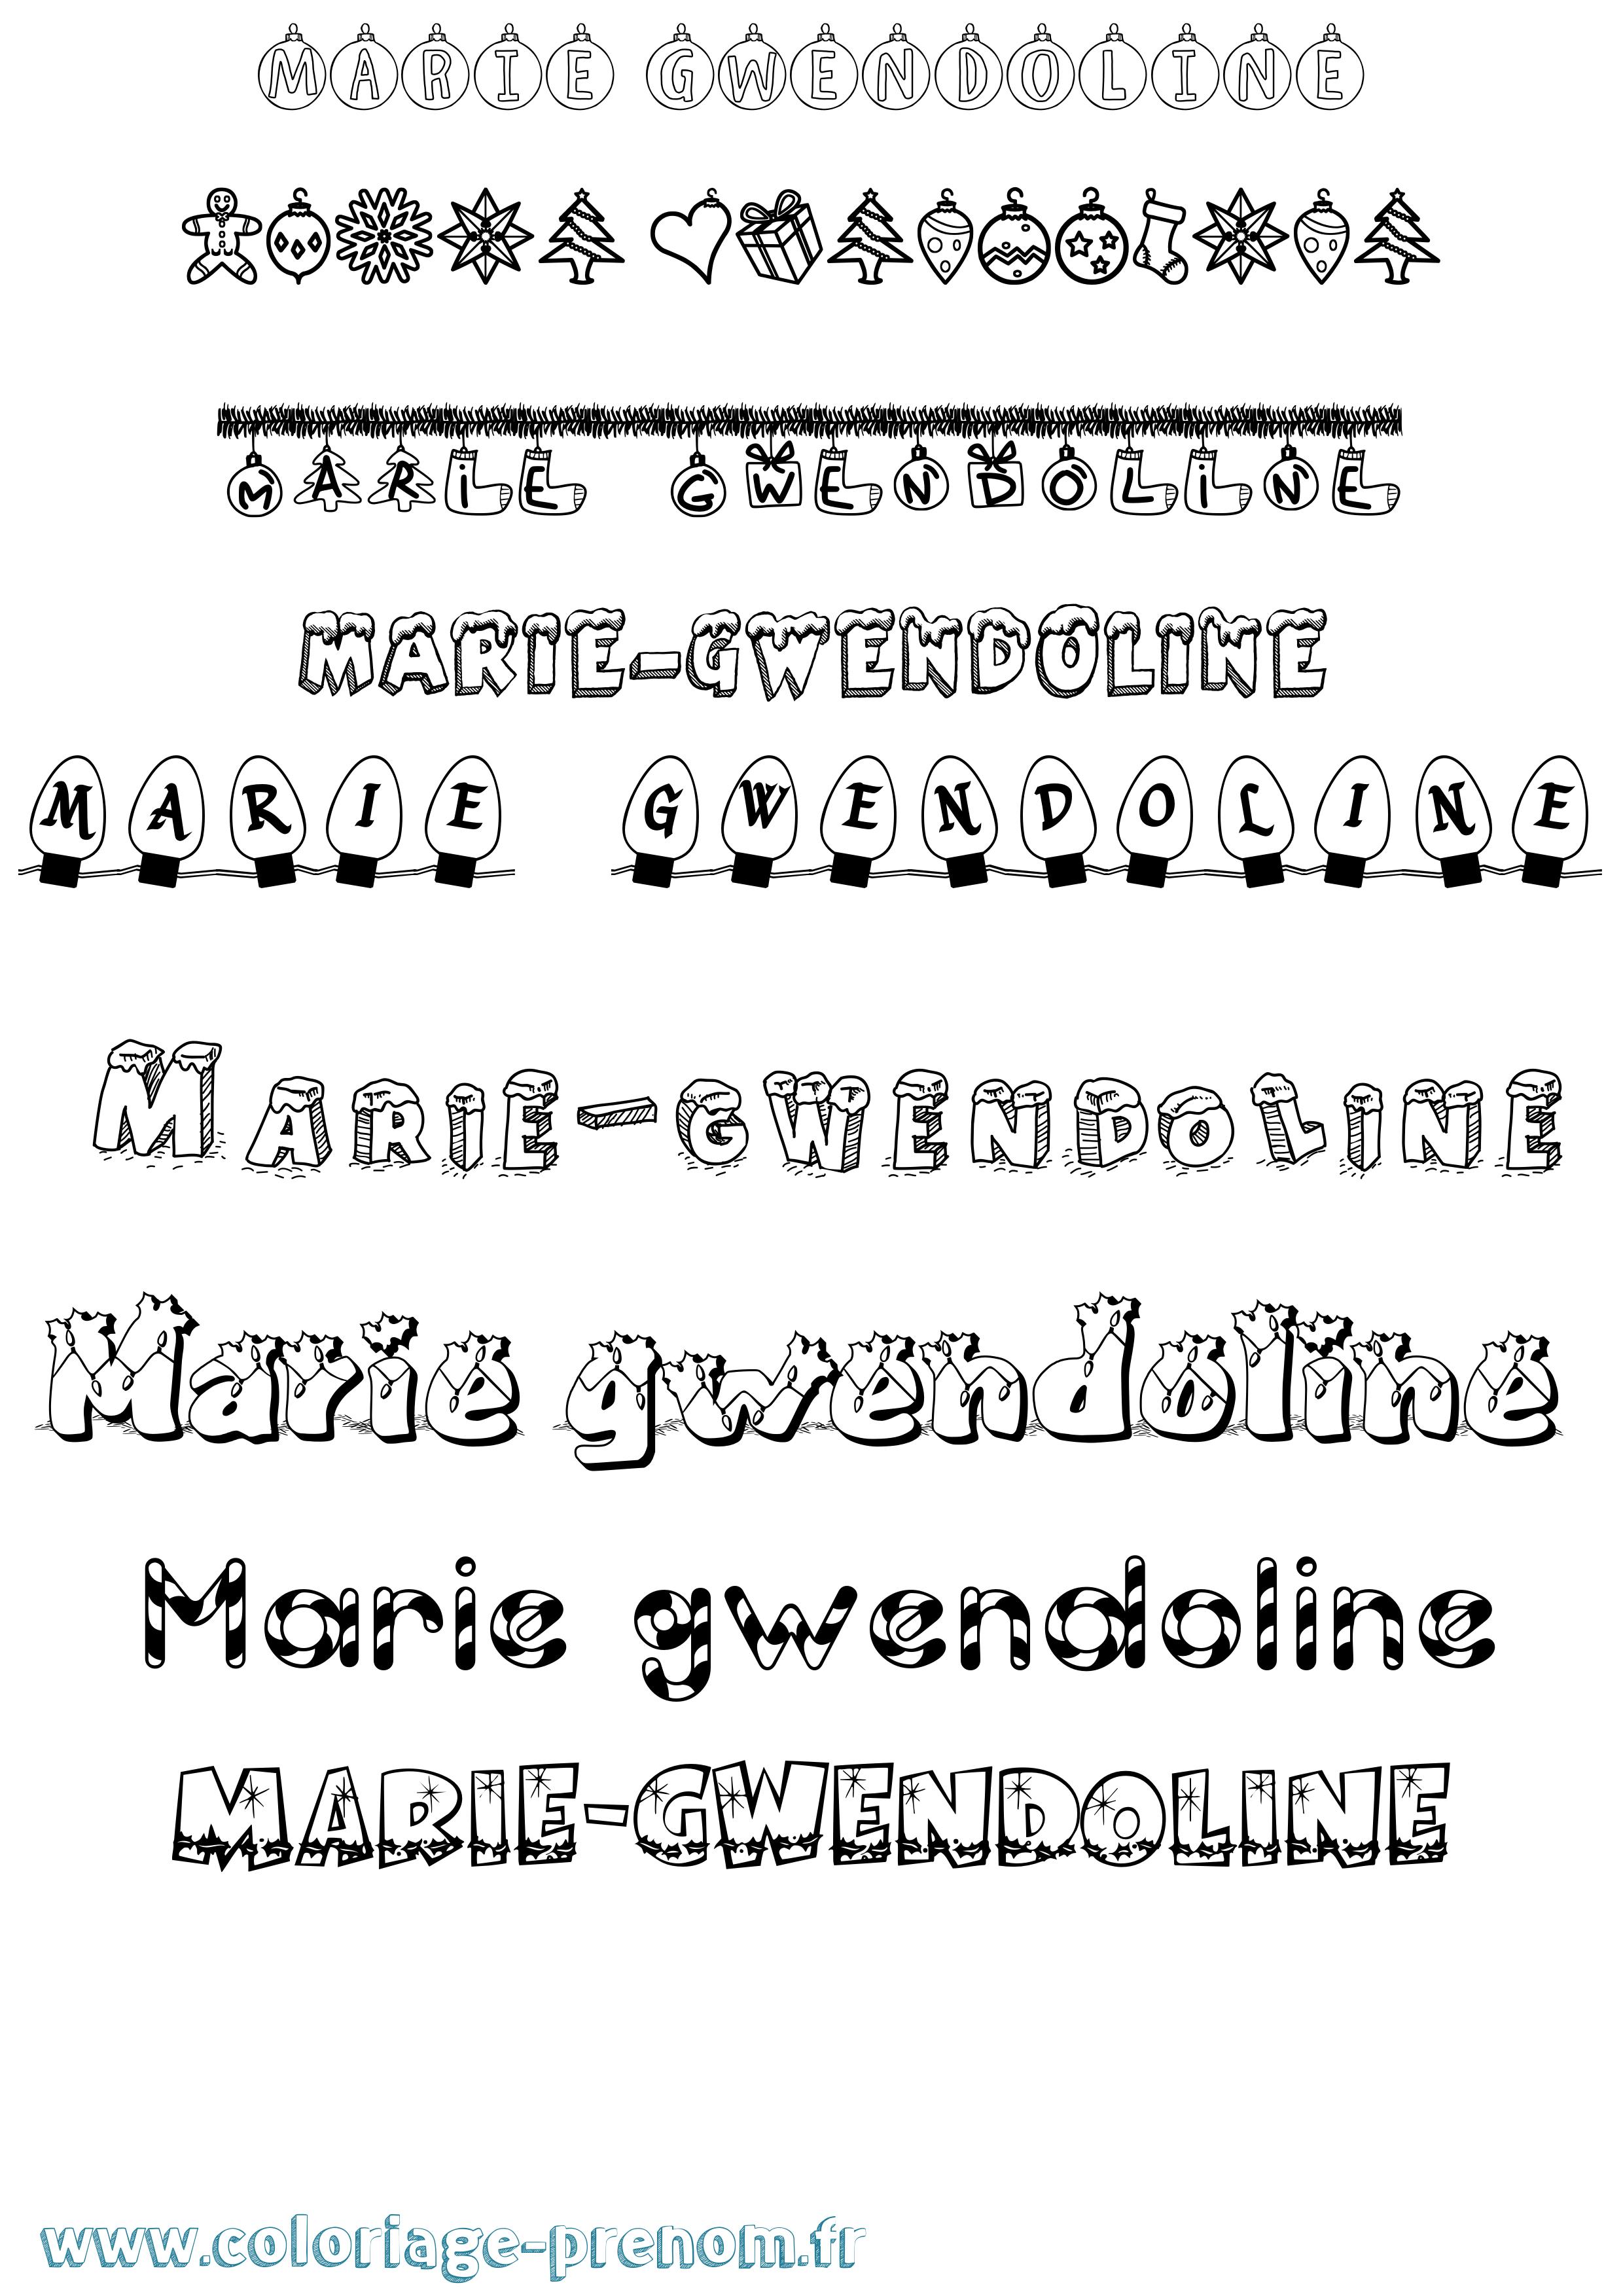 Coloriage du prénom Marie-gwendoline : à Imprimer ou ...